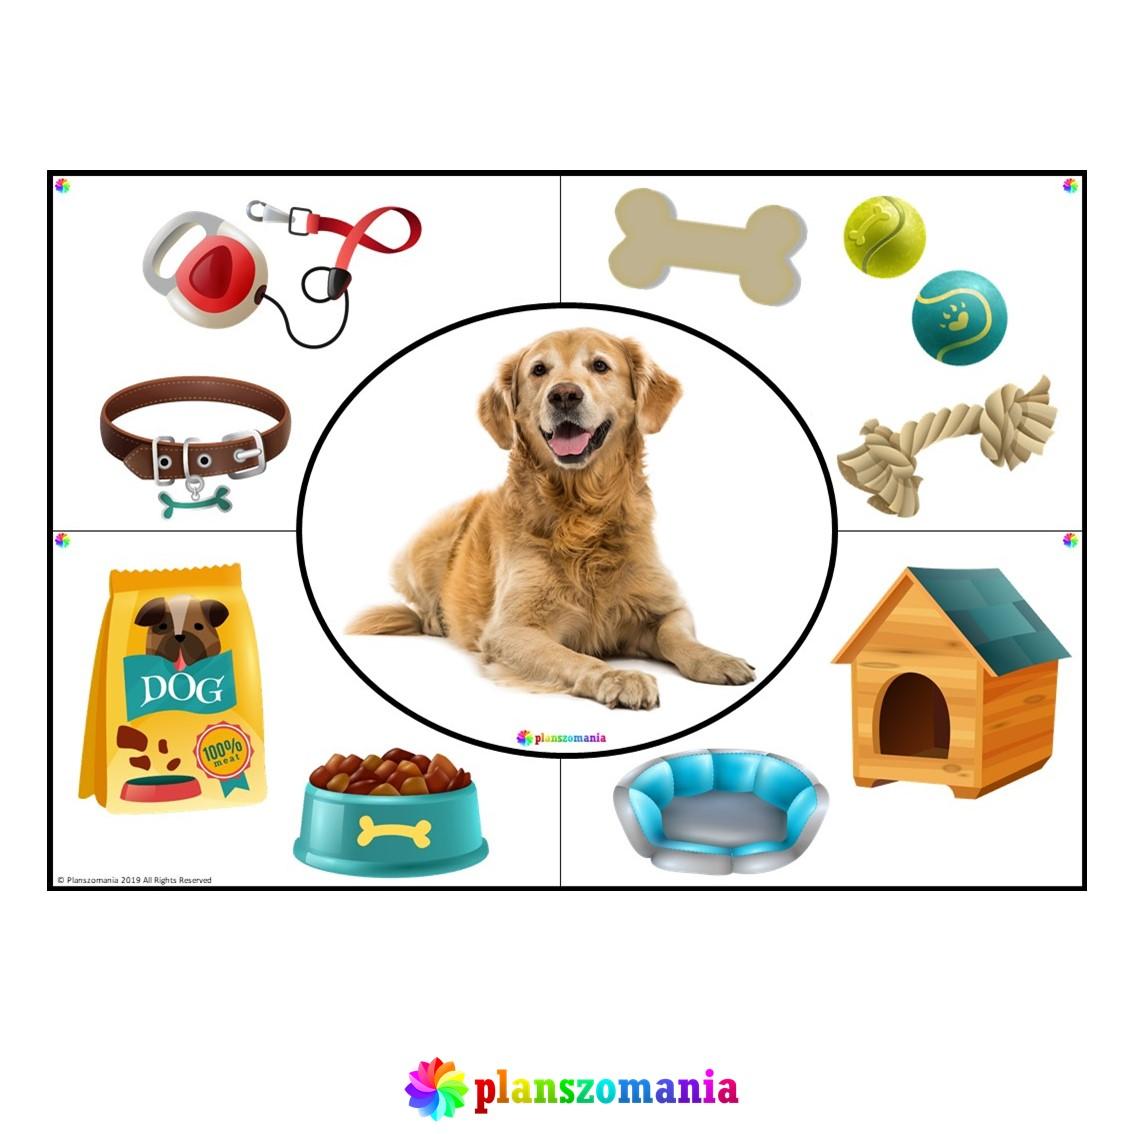 zwierzęta domowe układanka klasa 1 2 3 szkoła podstawowa dla dzieci przedszkole zadanie pomoce edukacyjne pdf do druku za darmo scenariusz